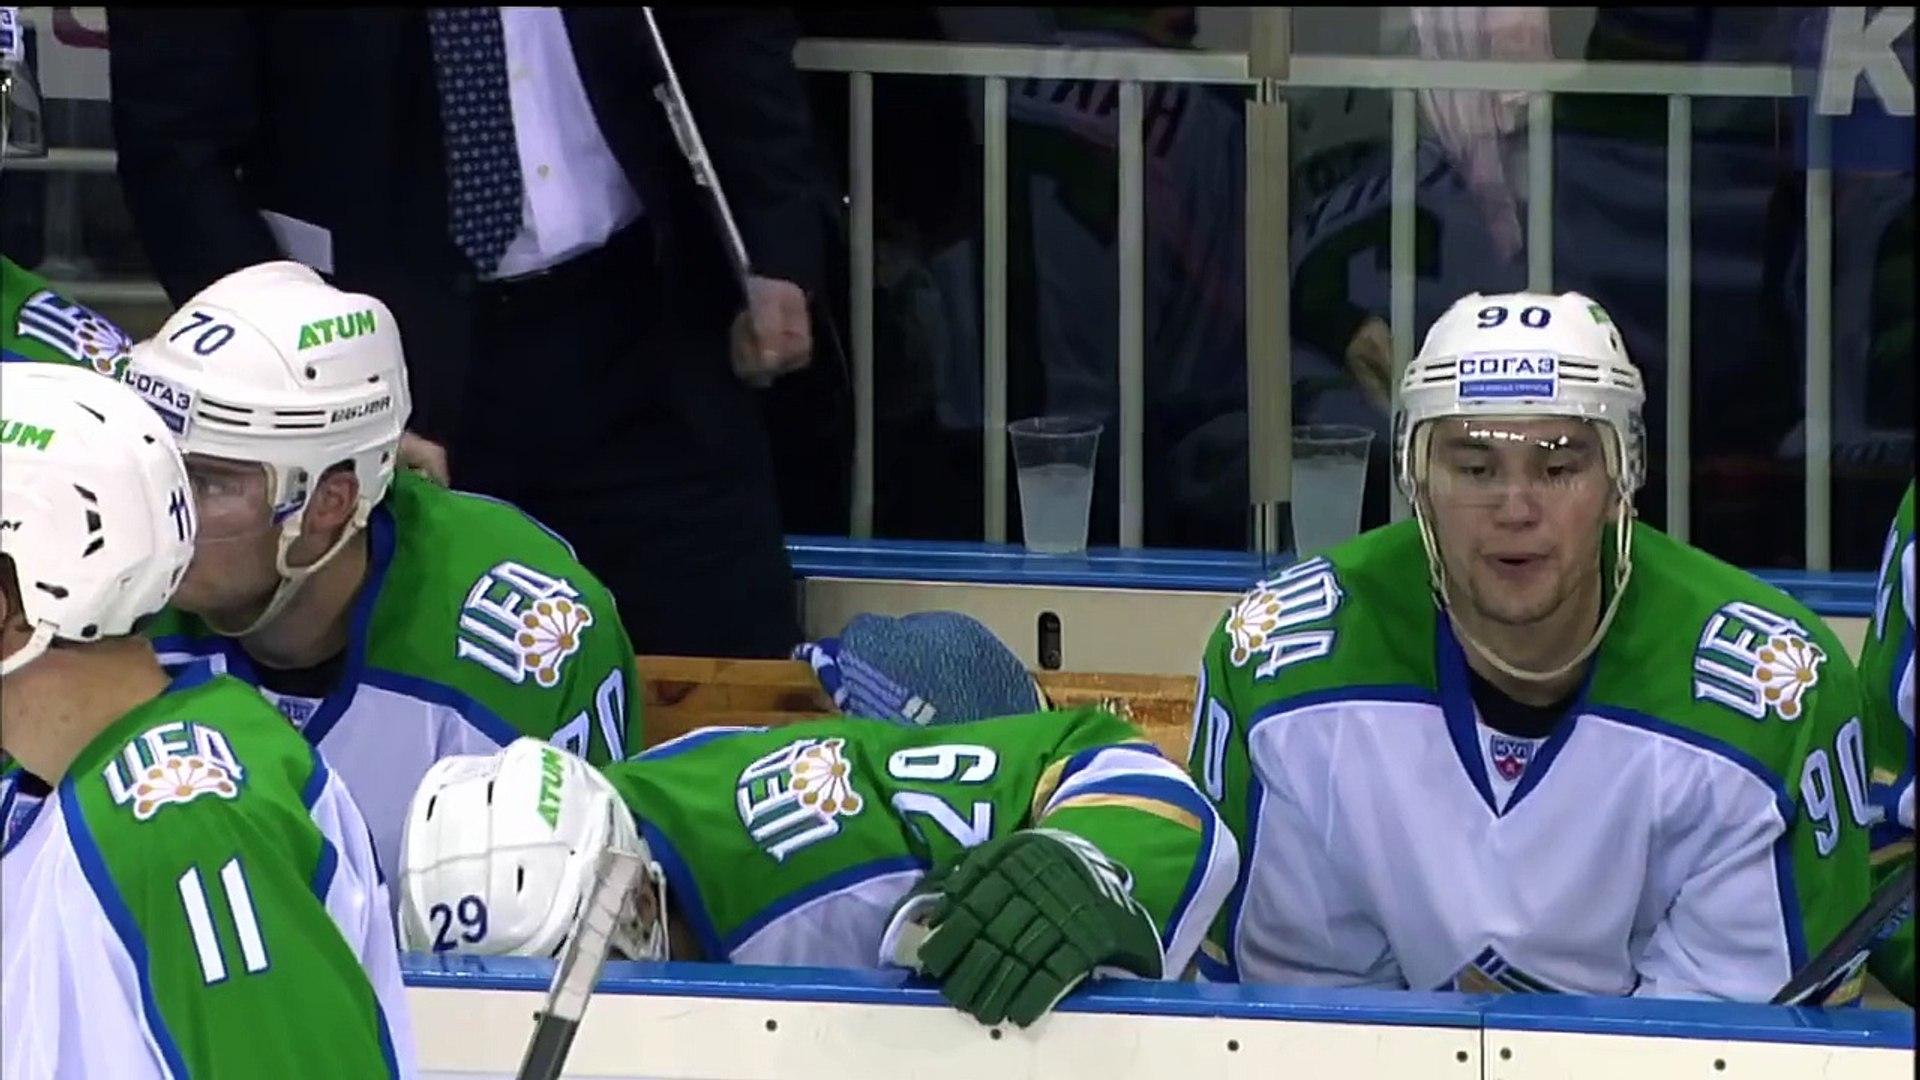 А на что ты готов ради хоккея_ _ Fan shows off her crazy support @ Riga - Ufa game